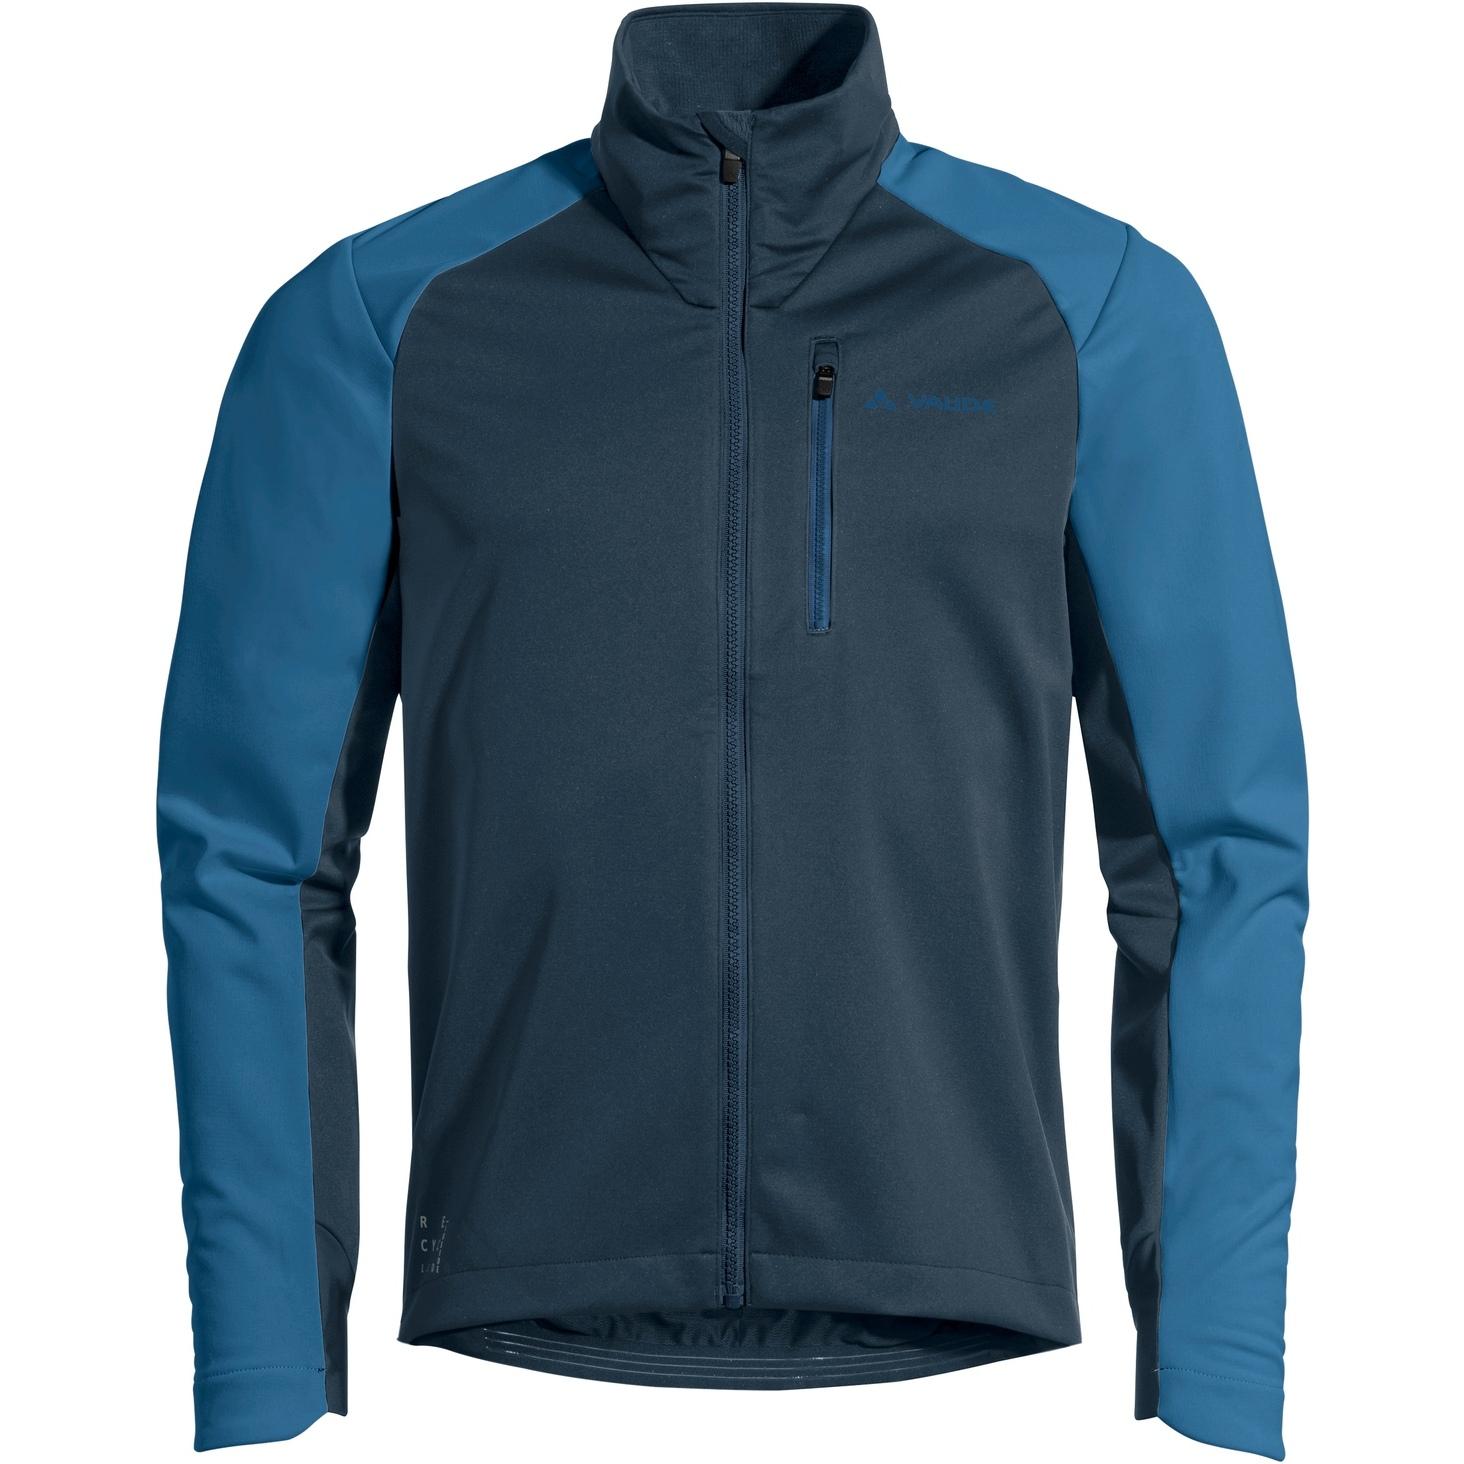 Vaude Men's Posta Softshell Jacket VI - dark sea